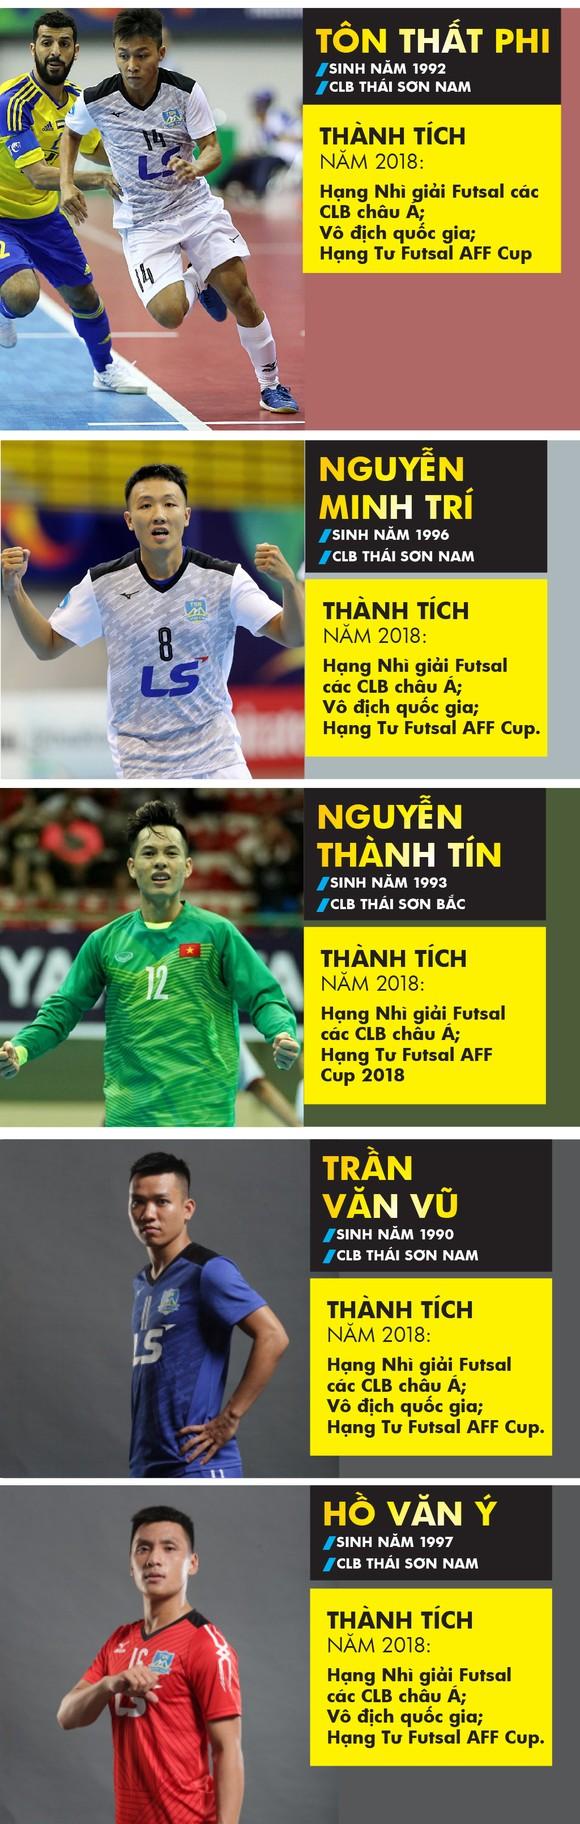 Những cầu thủ nào là ứng viên giải Quả bóng vàng futsal 2018? ảnh 2